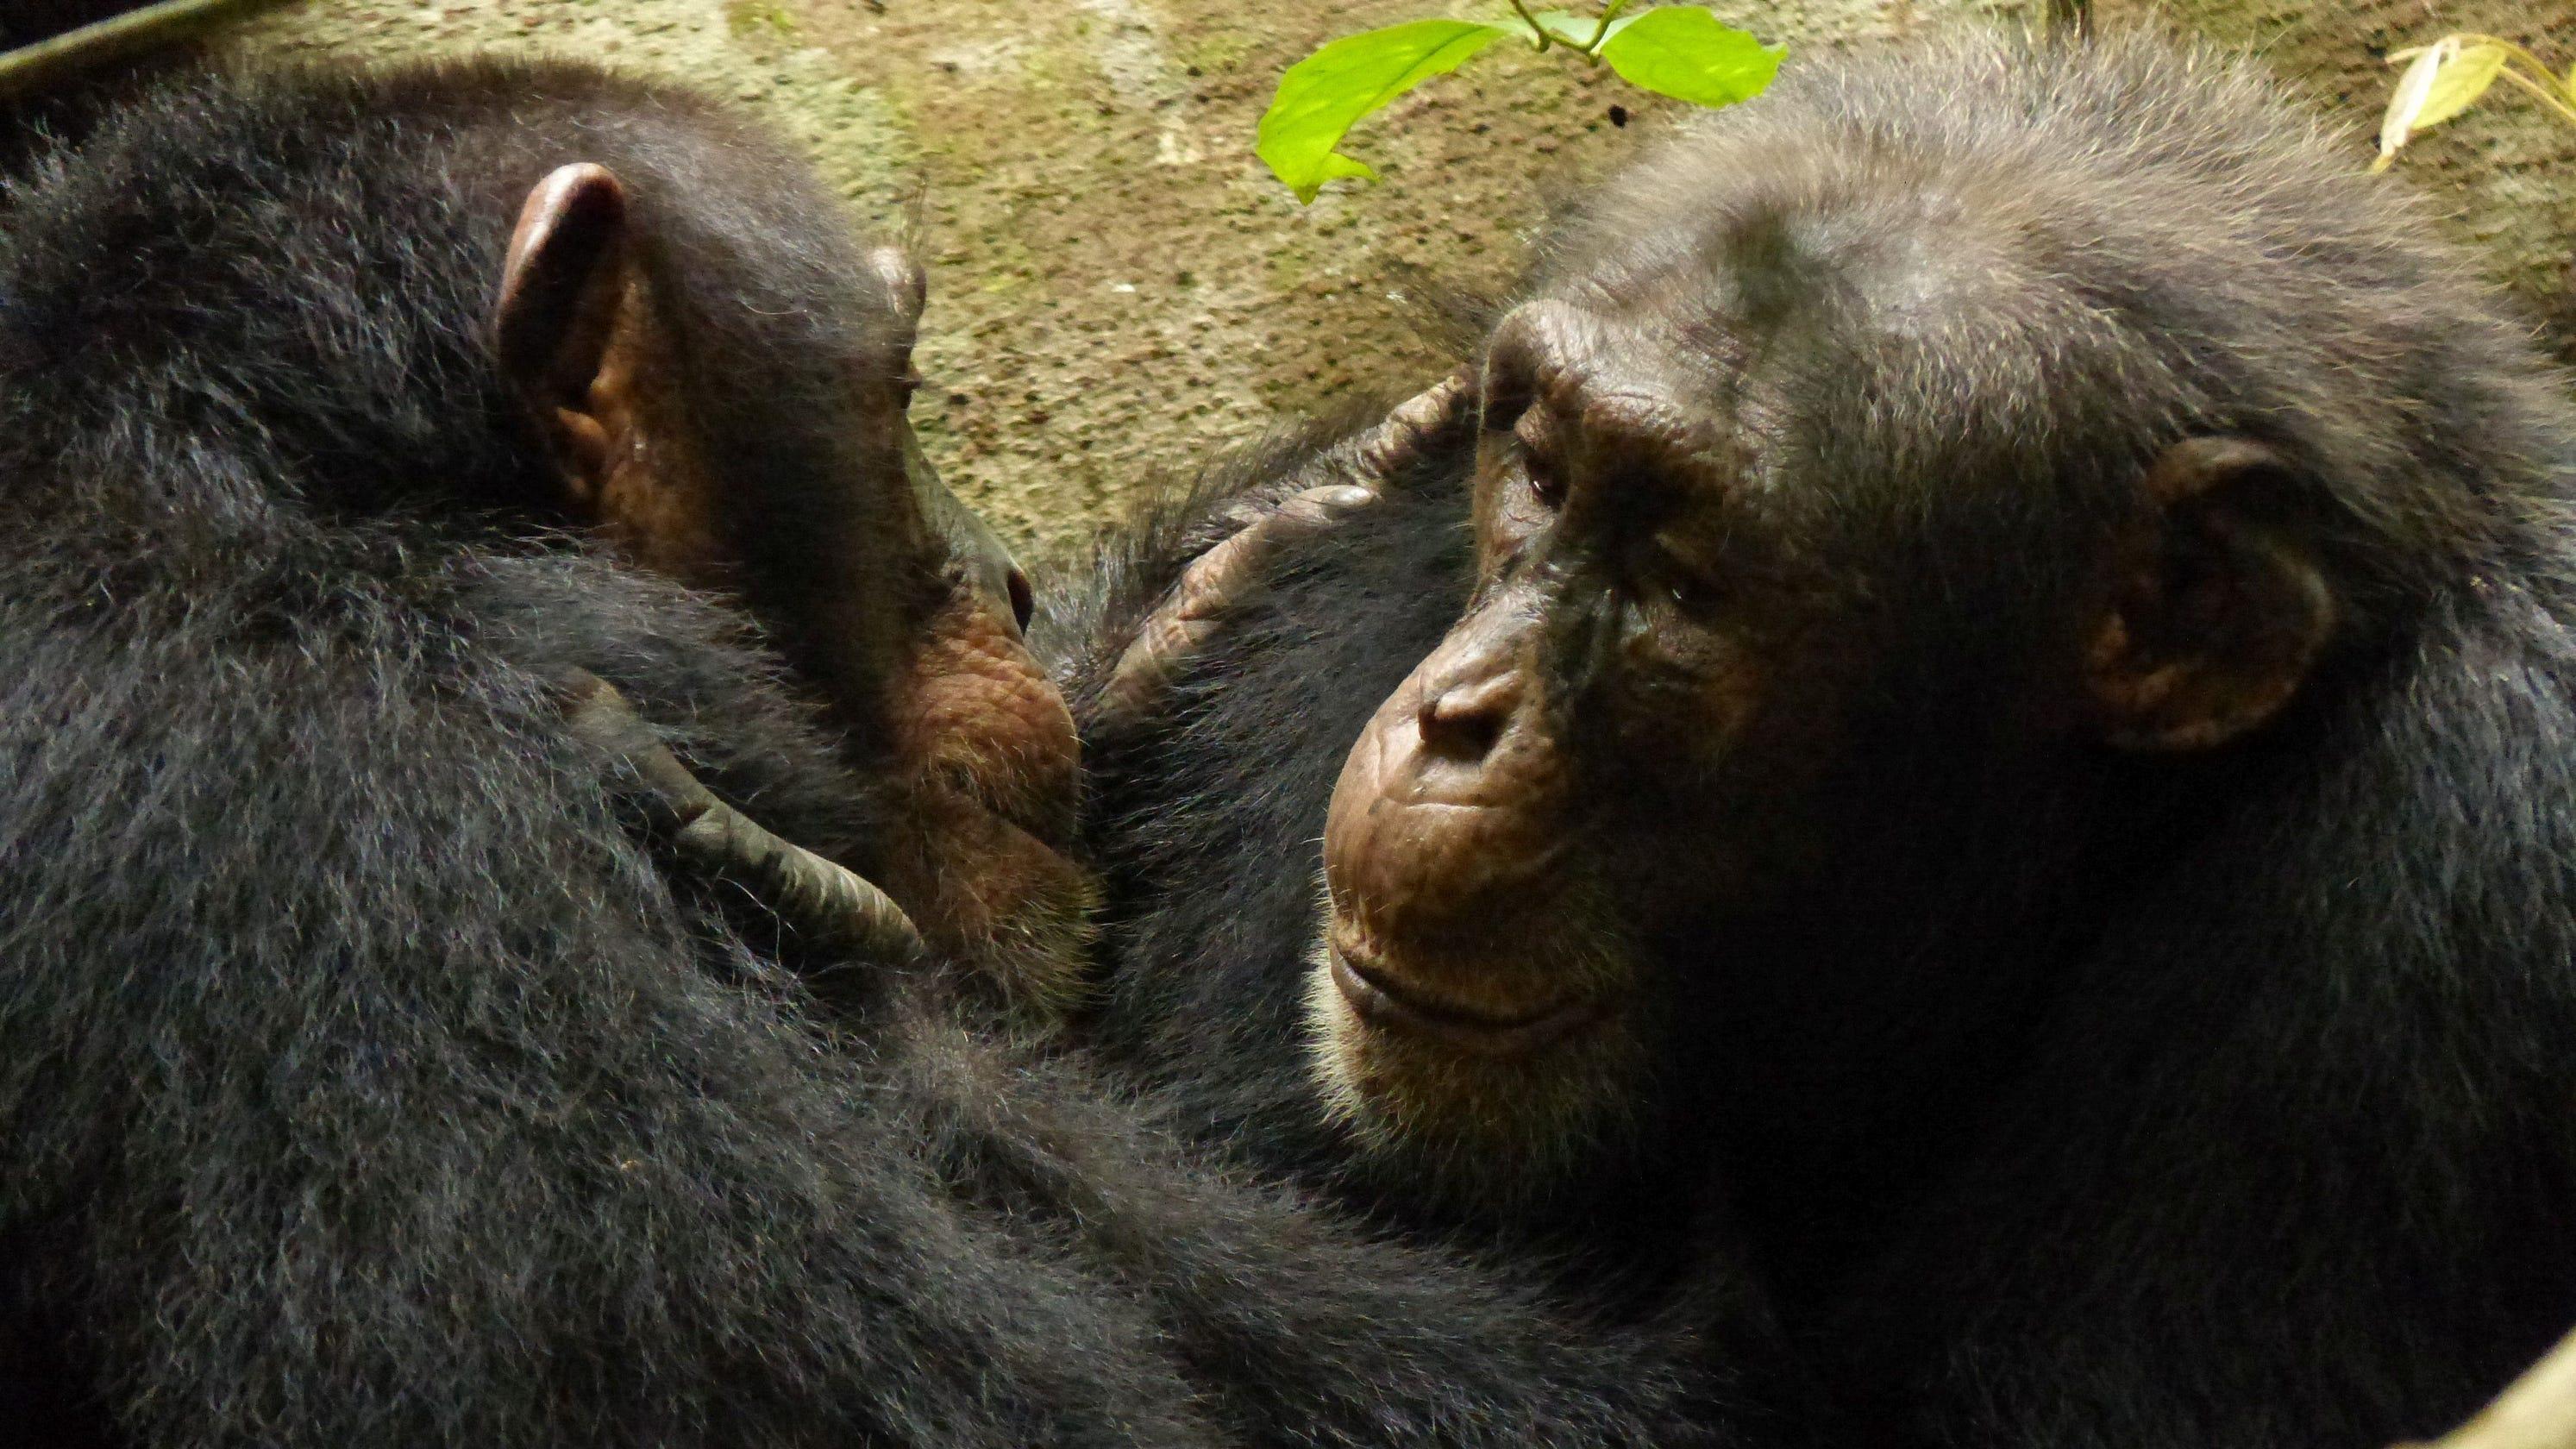 C For Chimpanzee Chimps culture ...